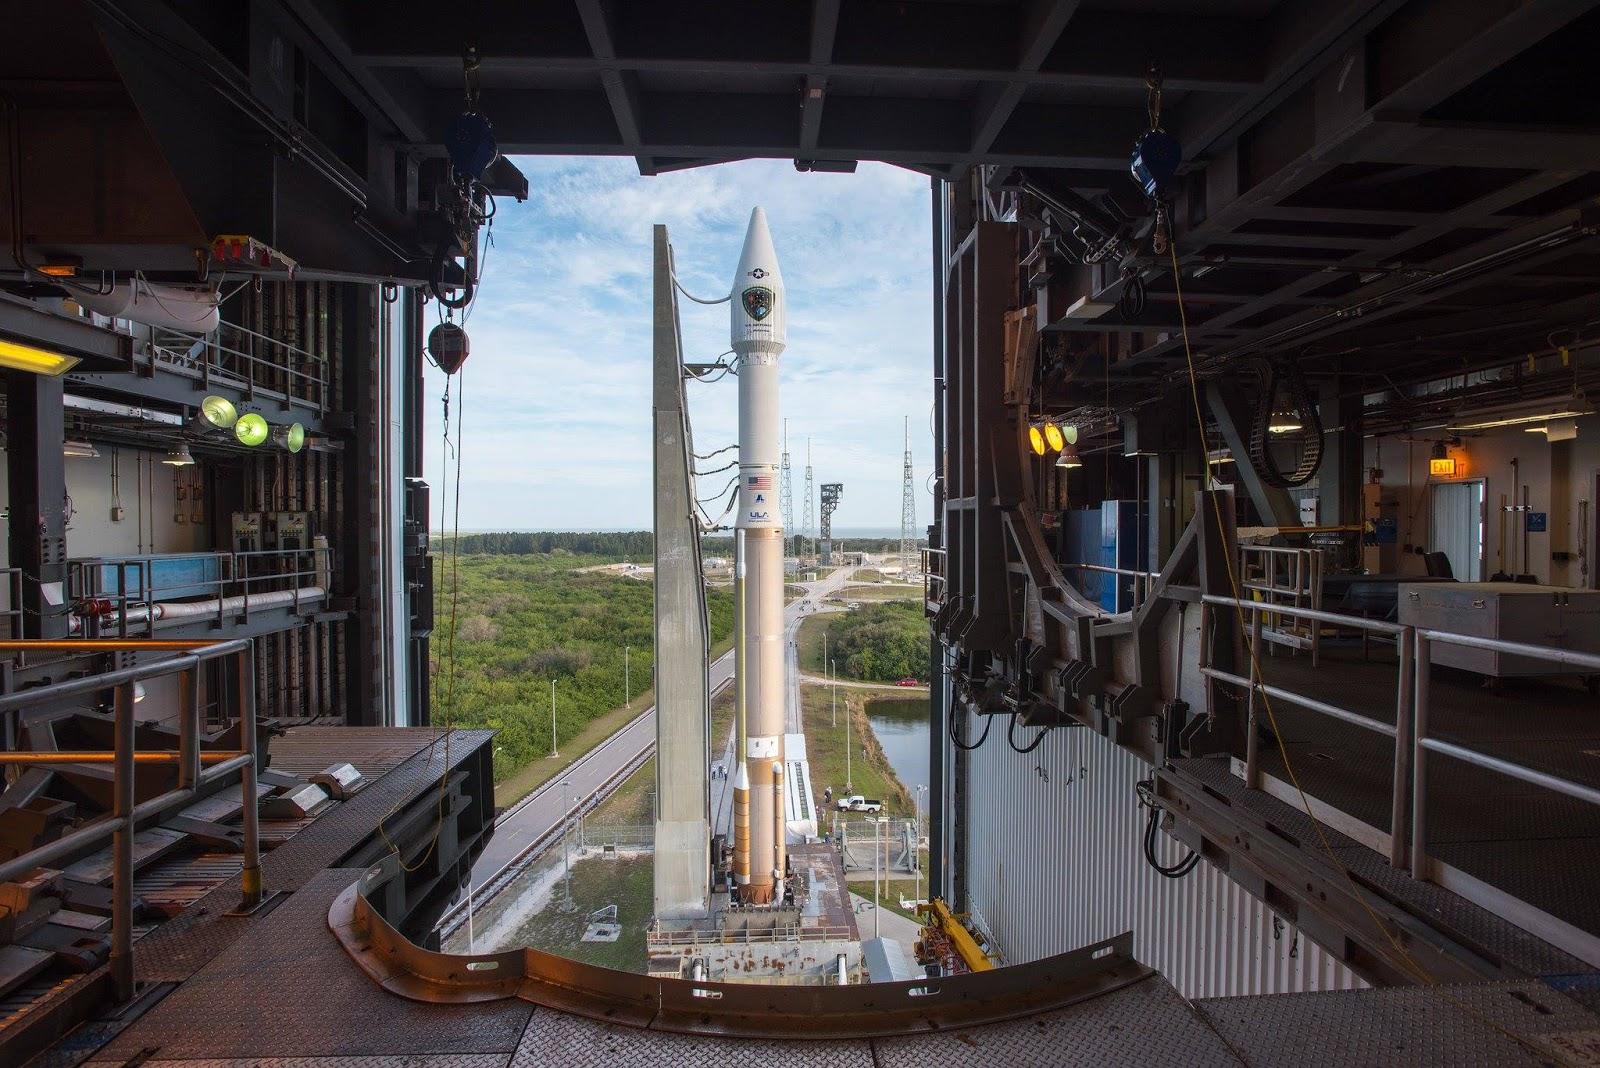 Lanciata la missione della Nasa per studiare gli asteroidi